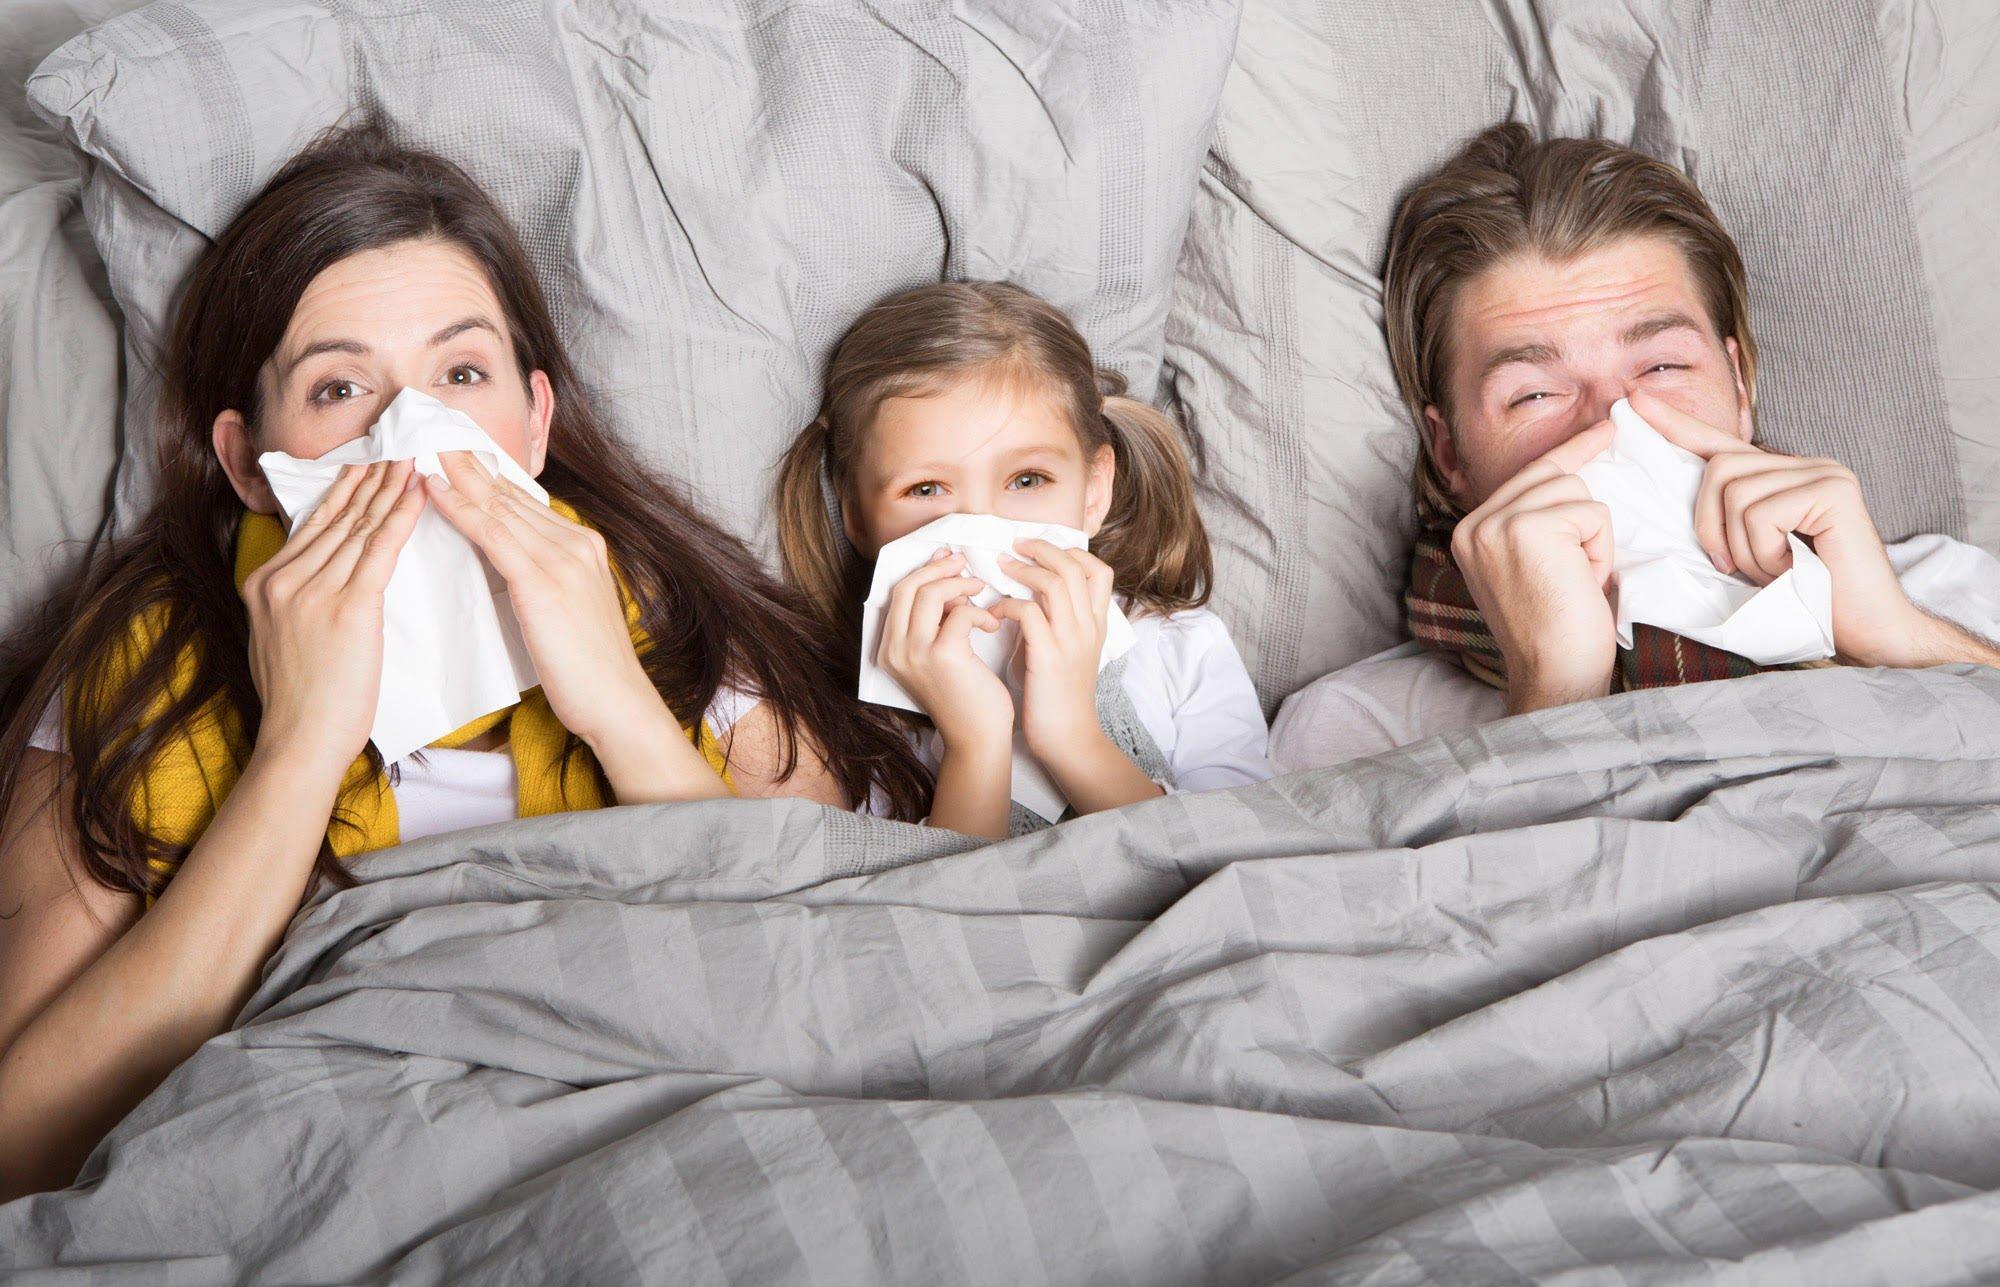 El 19% de familias españolas conviven con humedades poniendo en peligro su salud